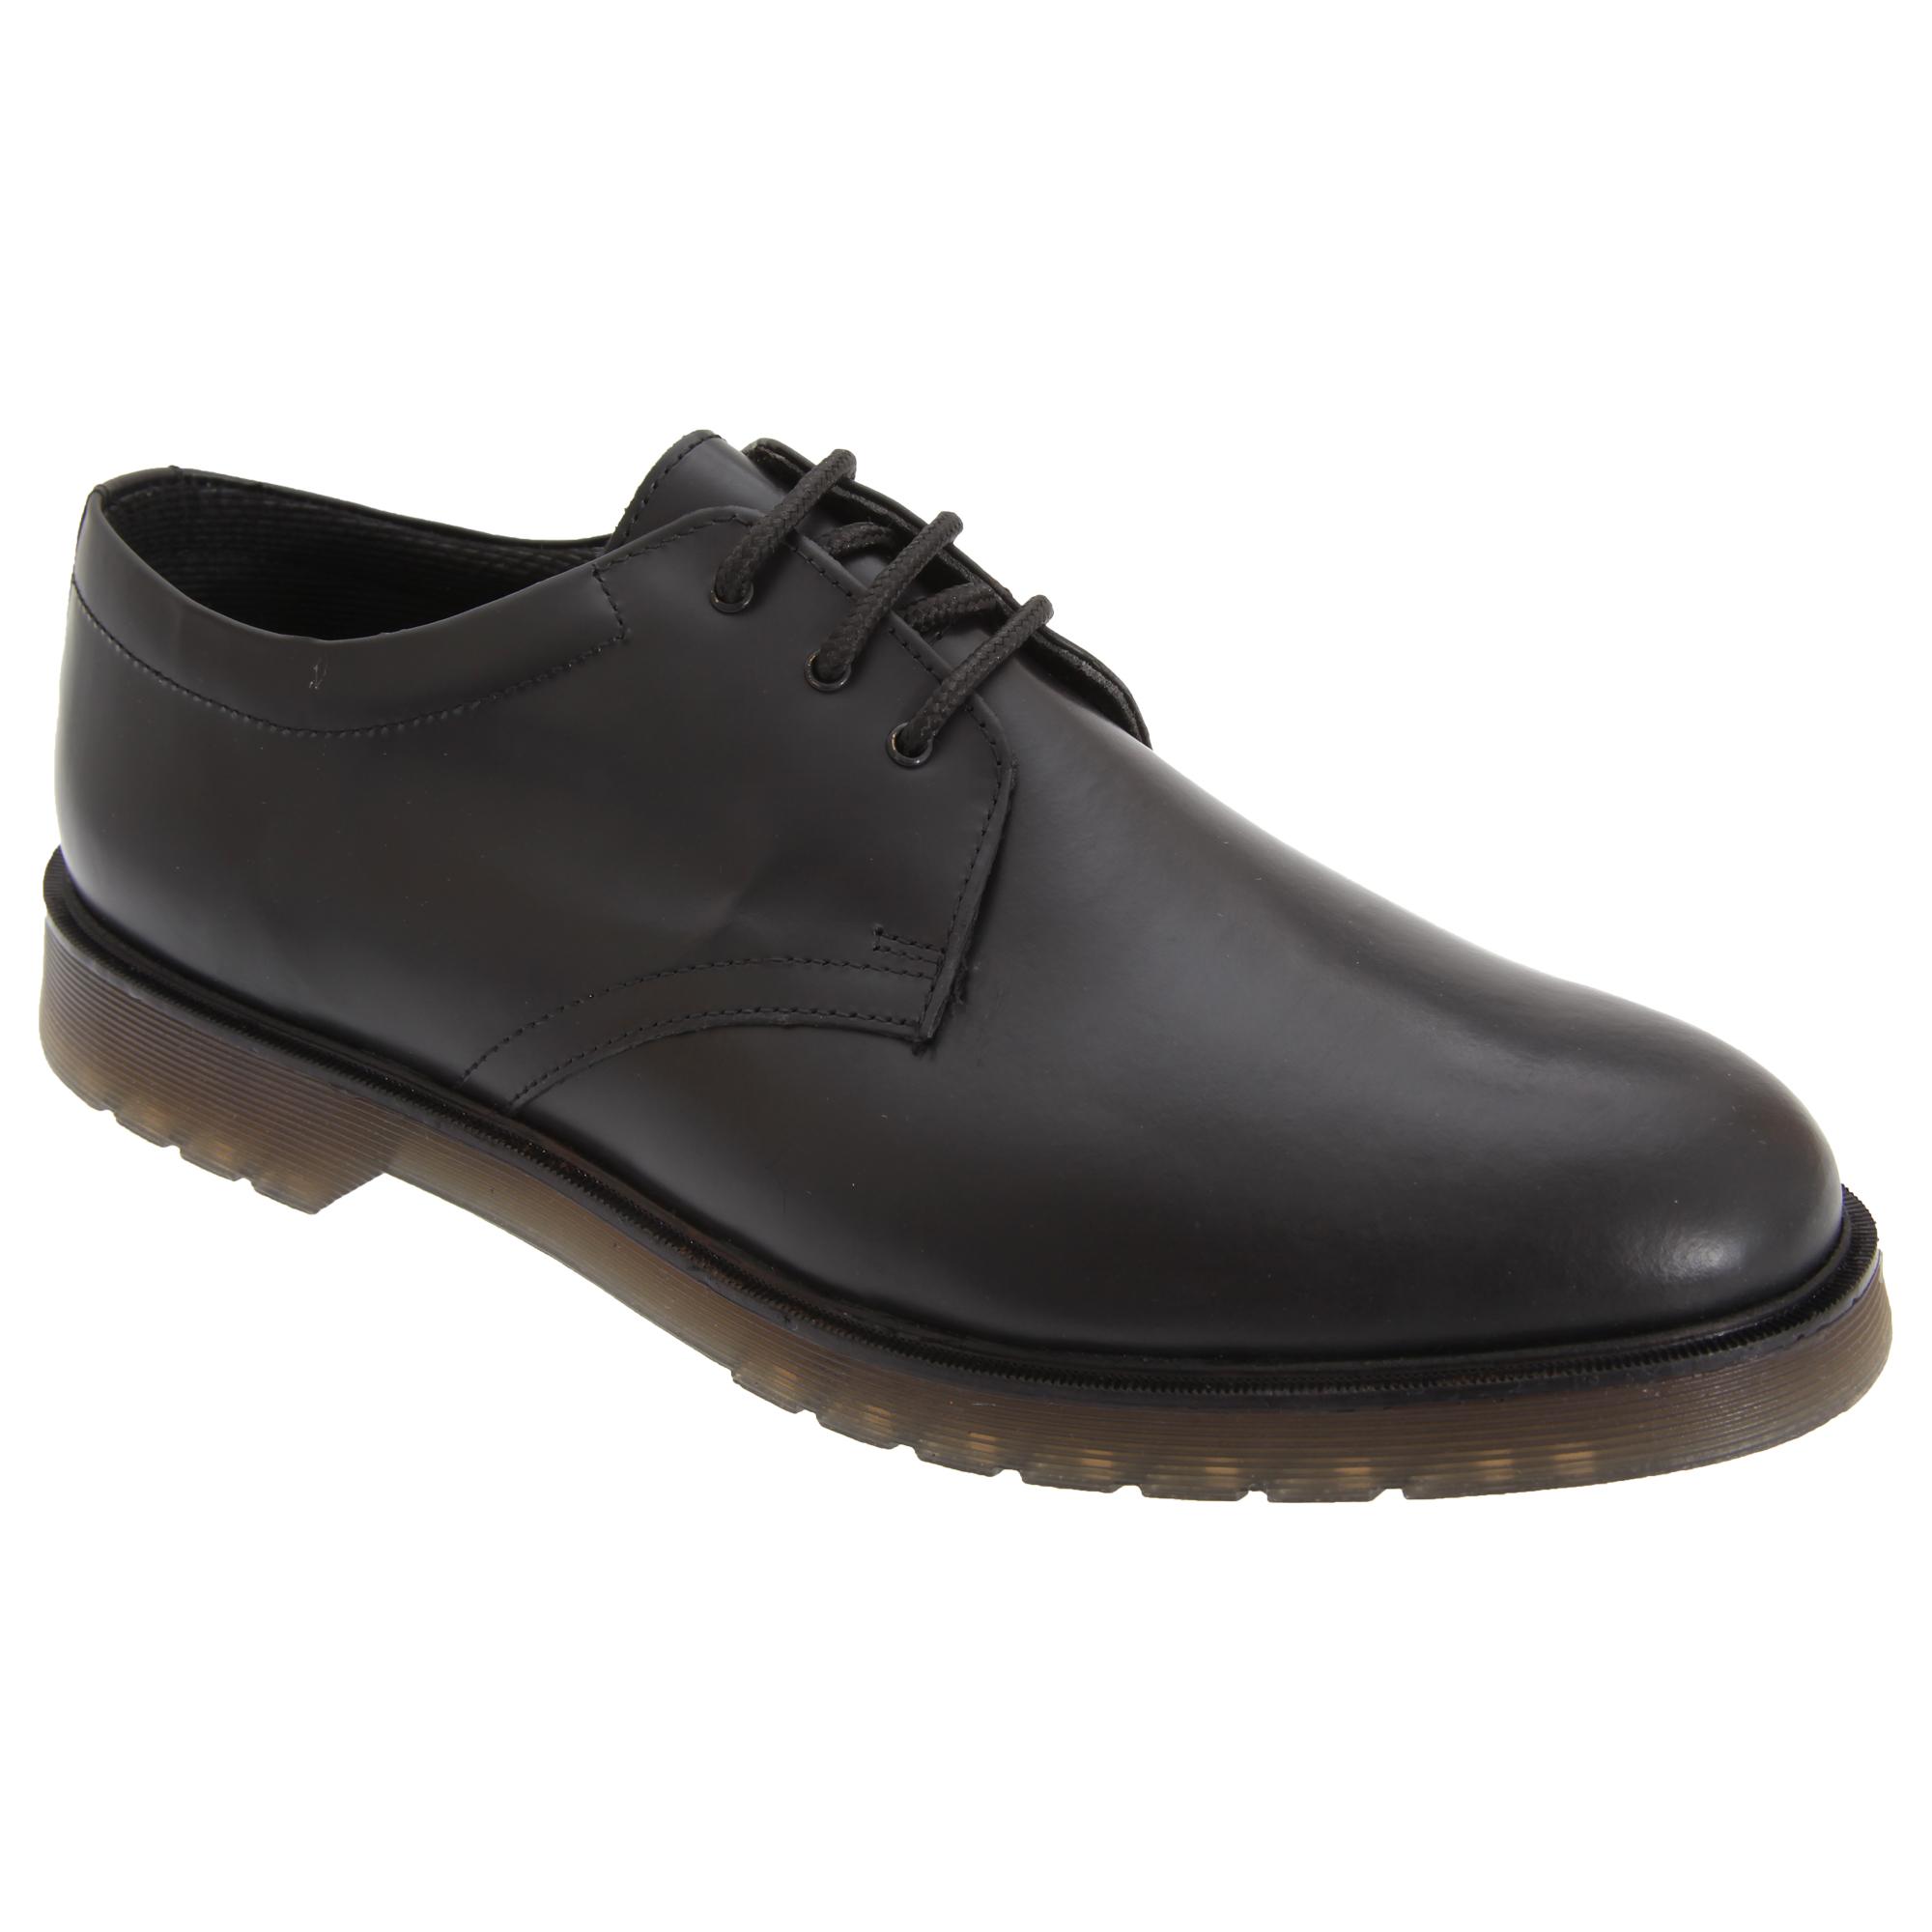 Grafters Grafters Grafters - Zapatos uniformes de piel suave brillante con suela con (DF229) e9bbed